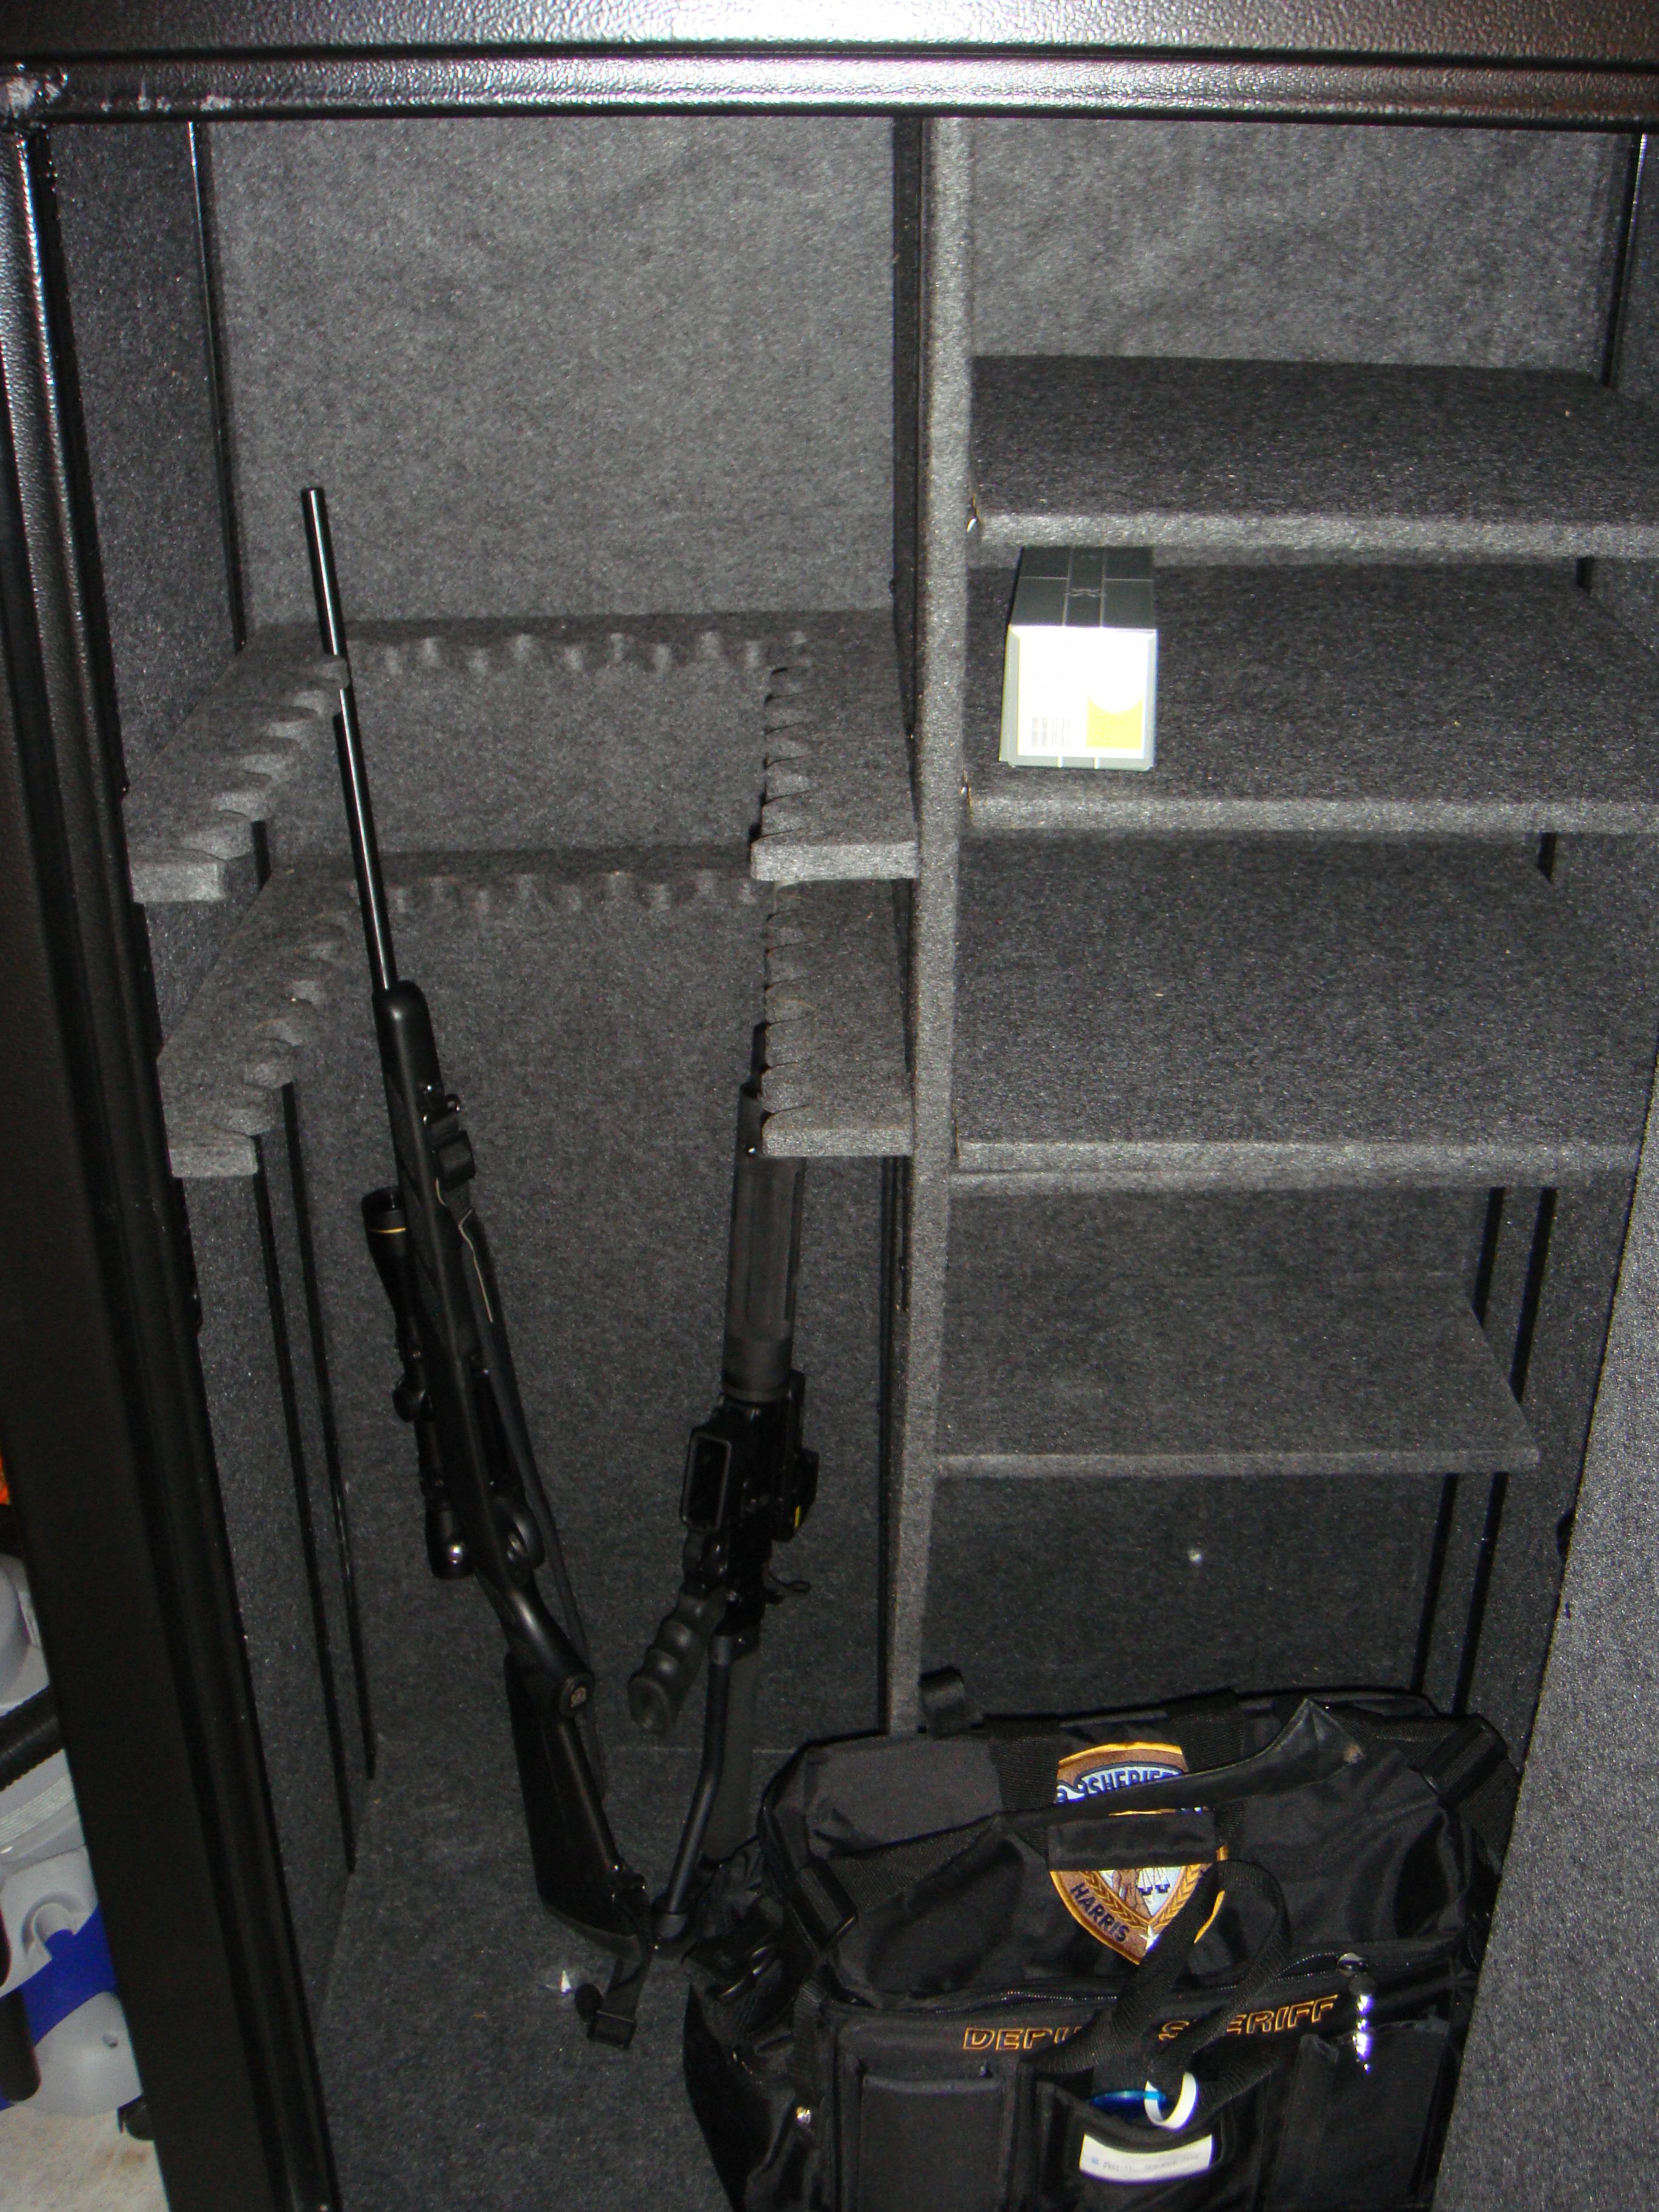 sentry safe sentry safe sentry safe sentry safe #3E415E